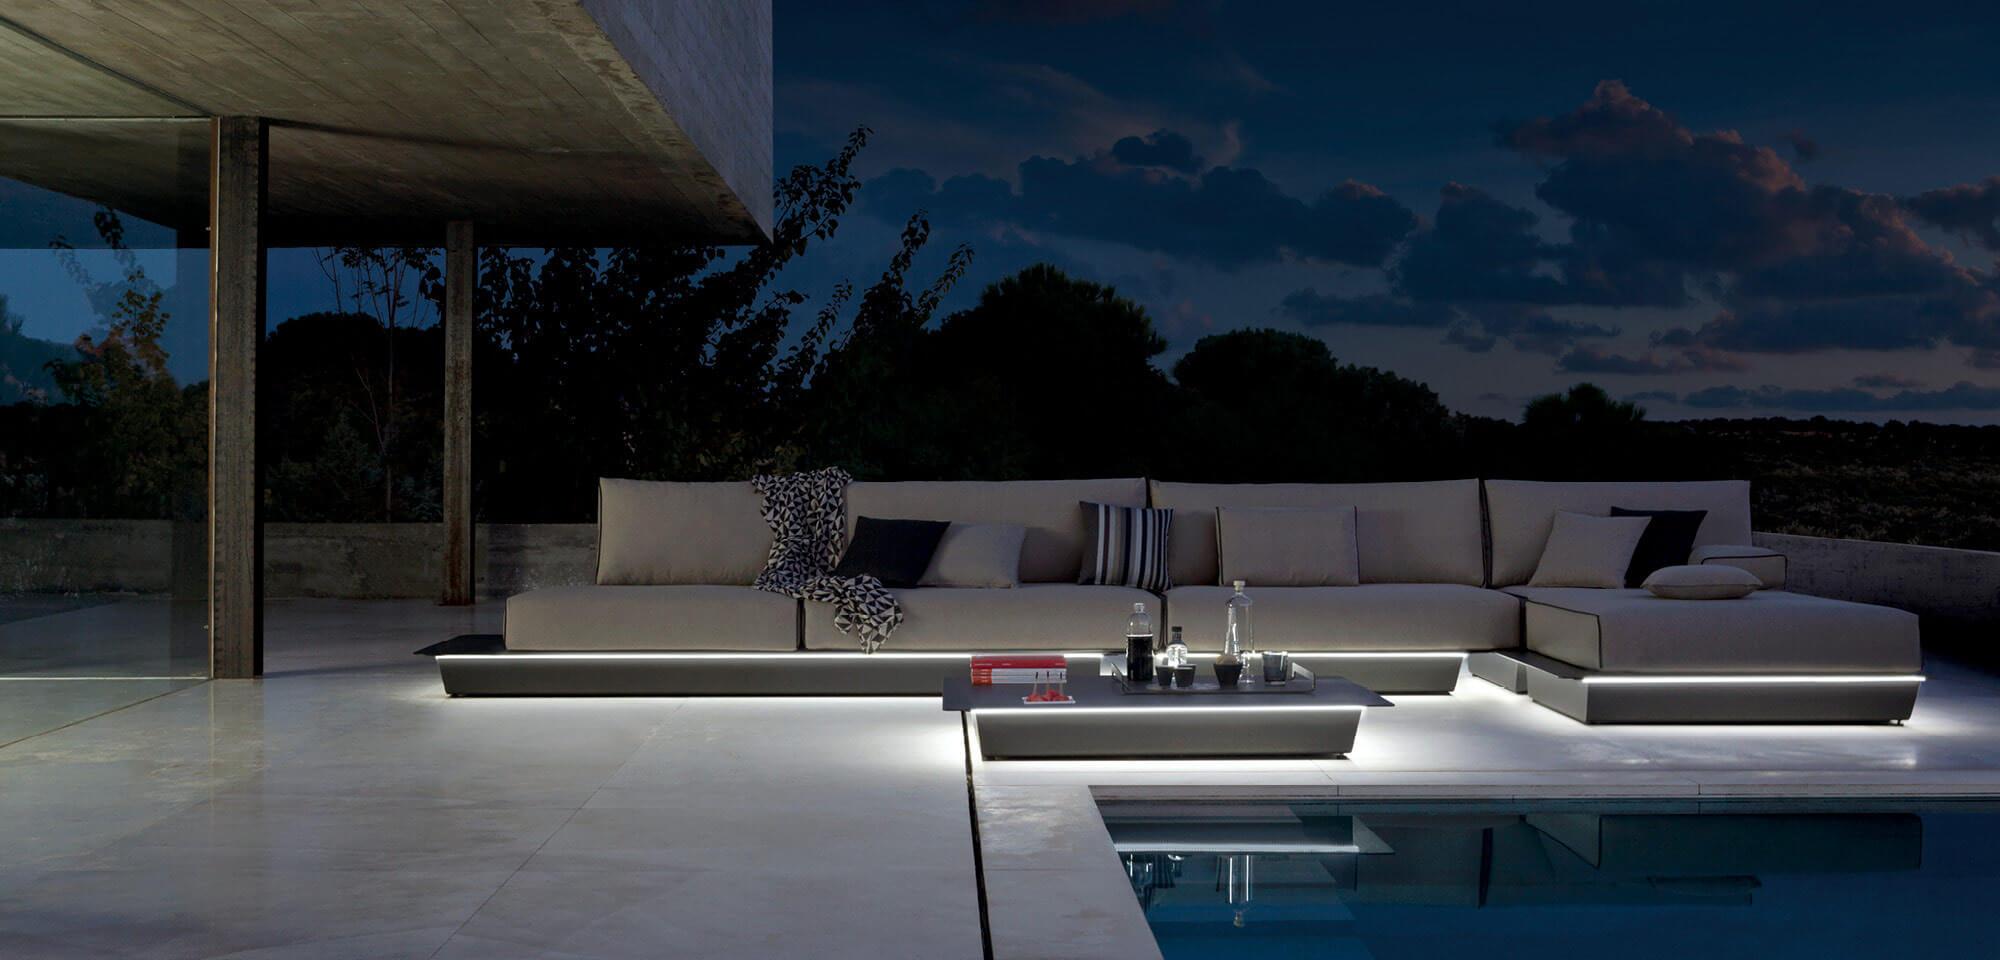 arredo piscina ecco come personalizzare la tua oasi di relax